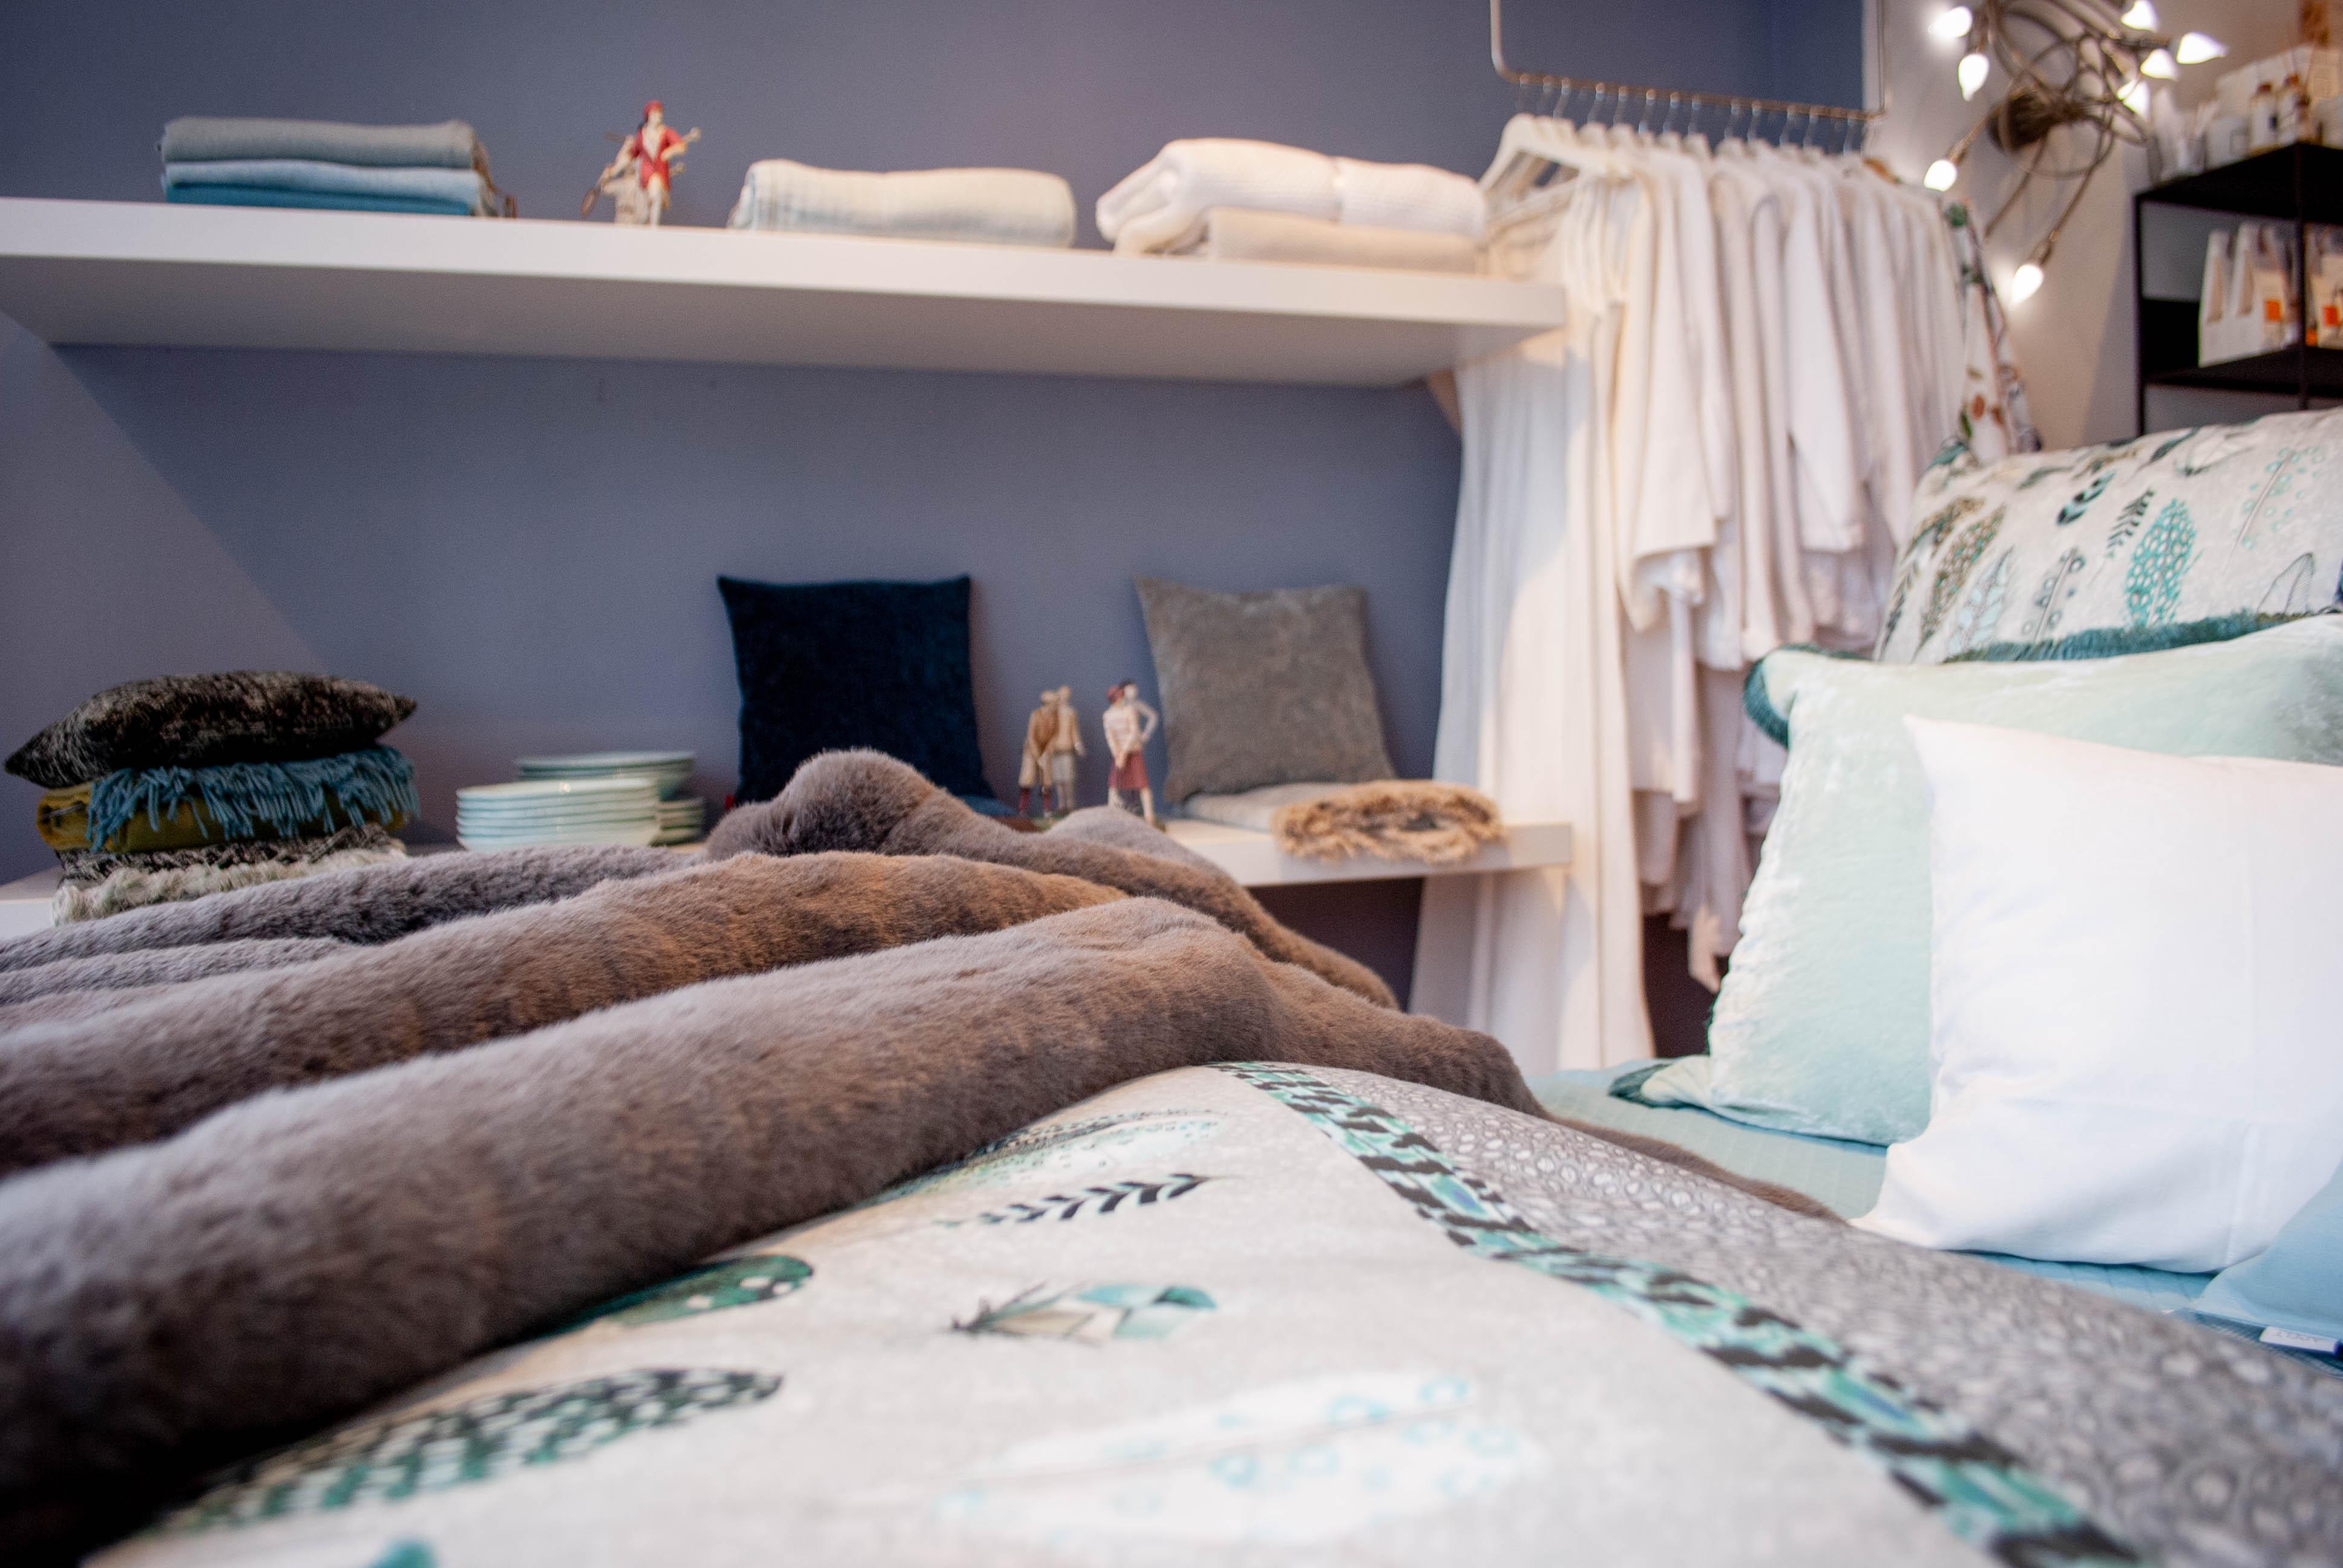 Hochwertige Bettwasche Traumen - House Interior ...